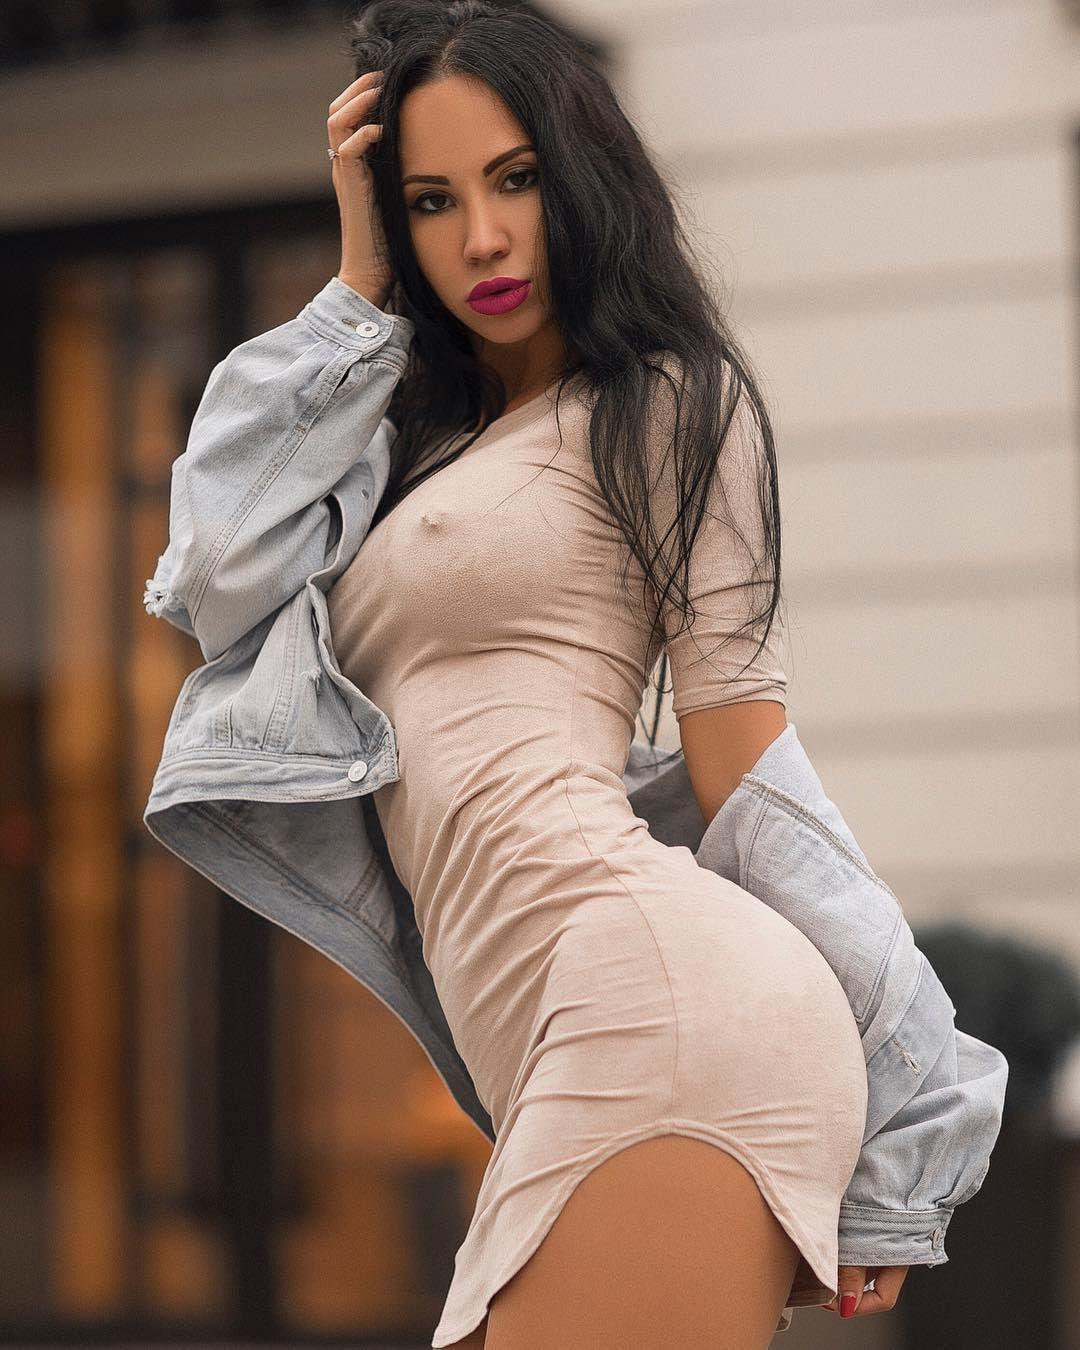 Сексуально фотки армянки, толстушки в пеньюарах